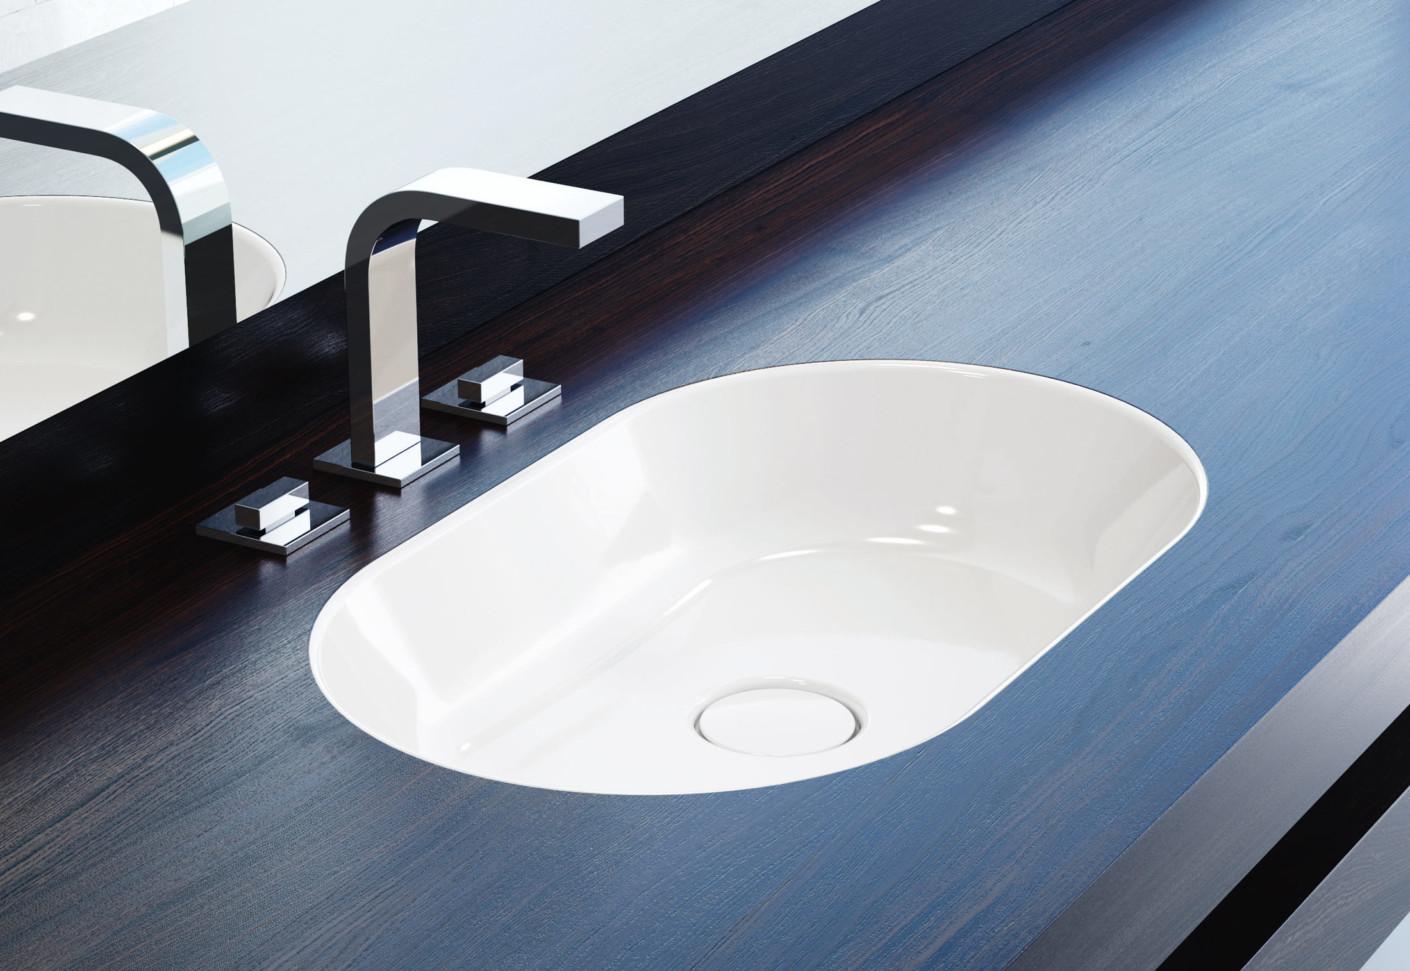 Waschbecken rund  Waschbecken Rund Einbau | gispatcher.com